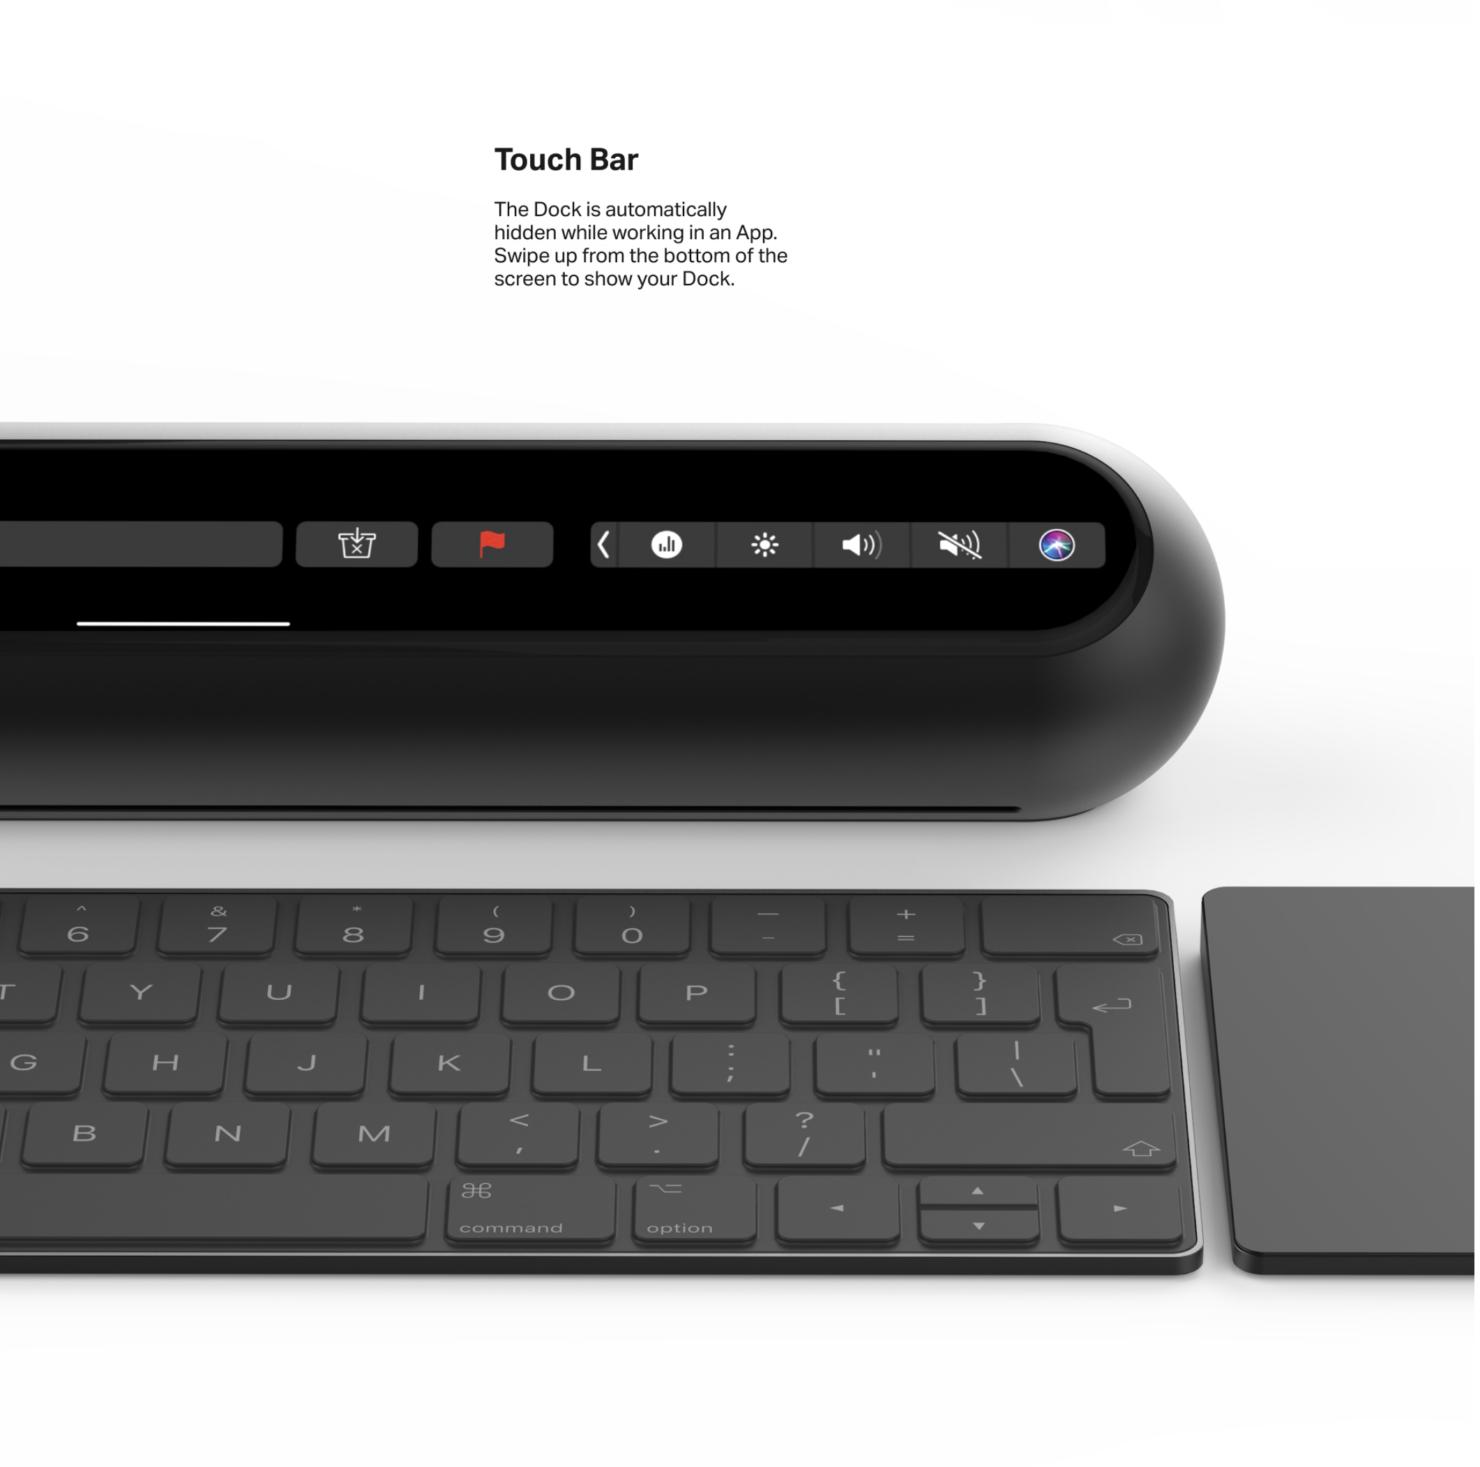 mac-mini-concept-touch-bar-08